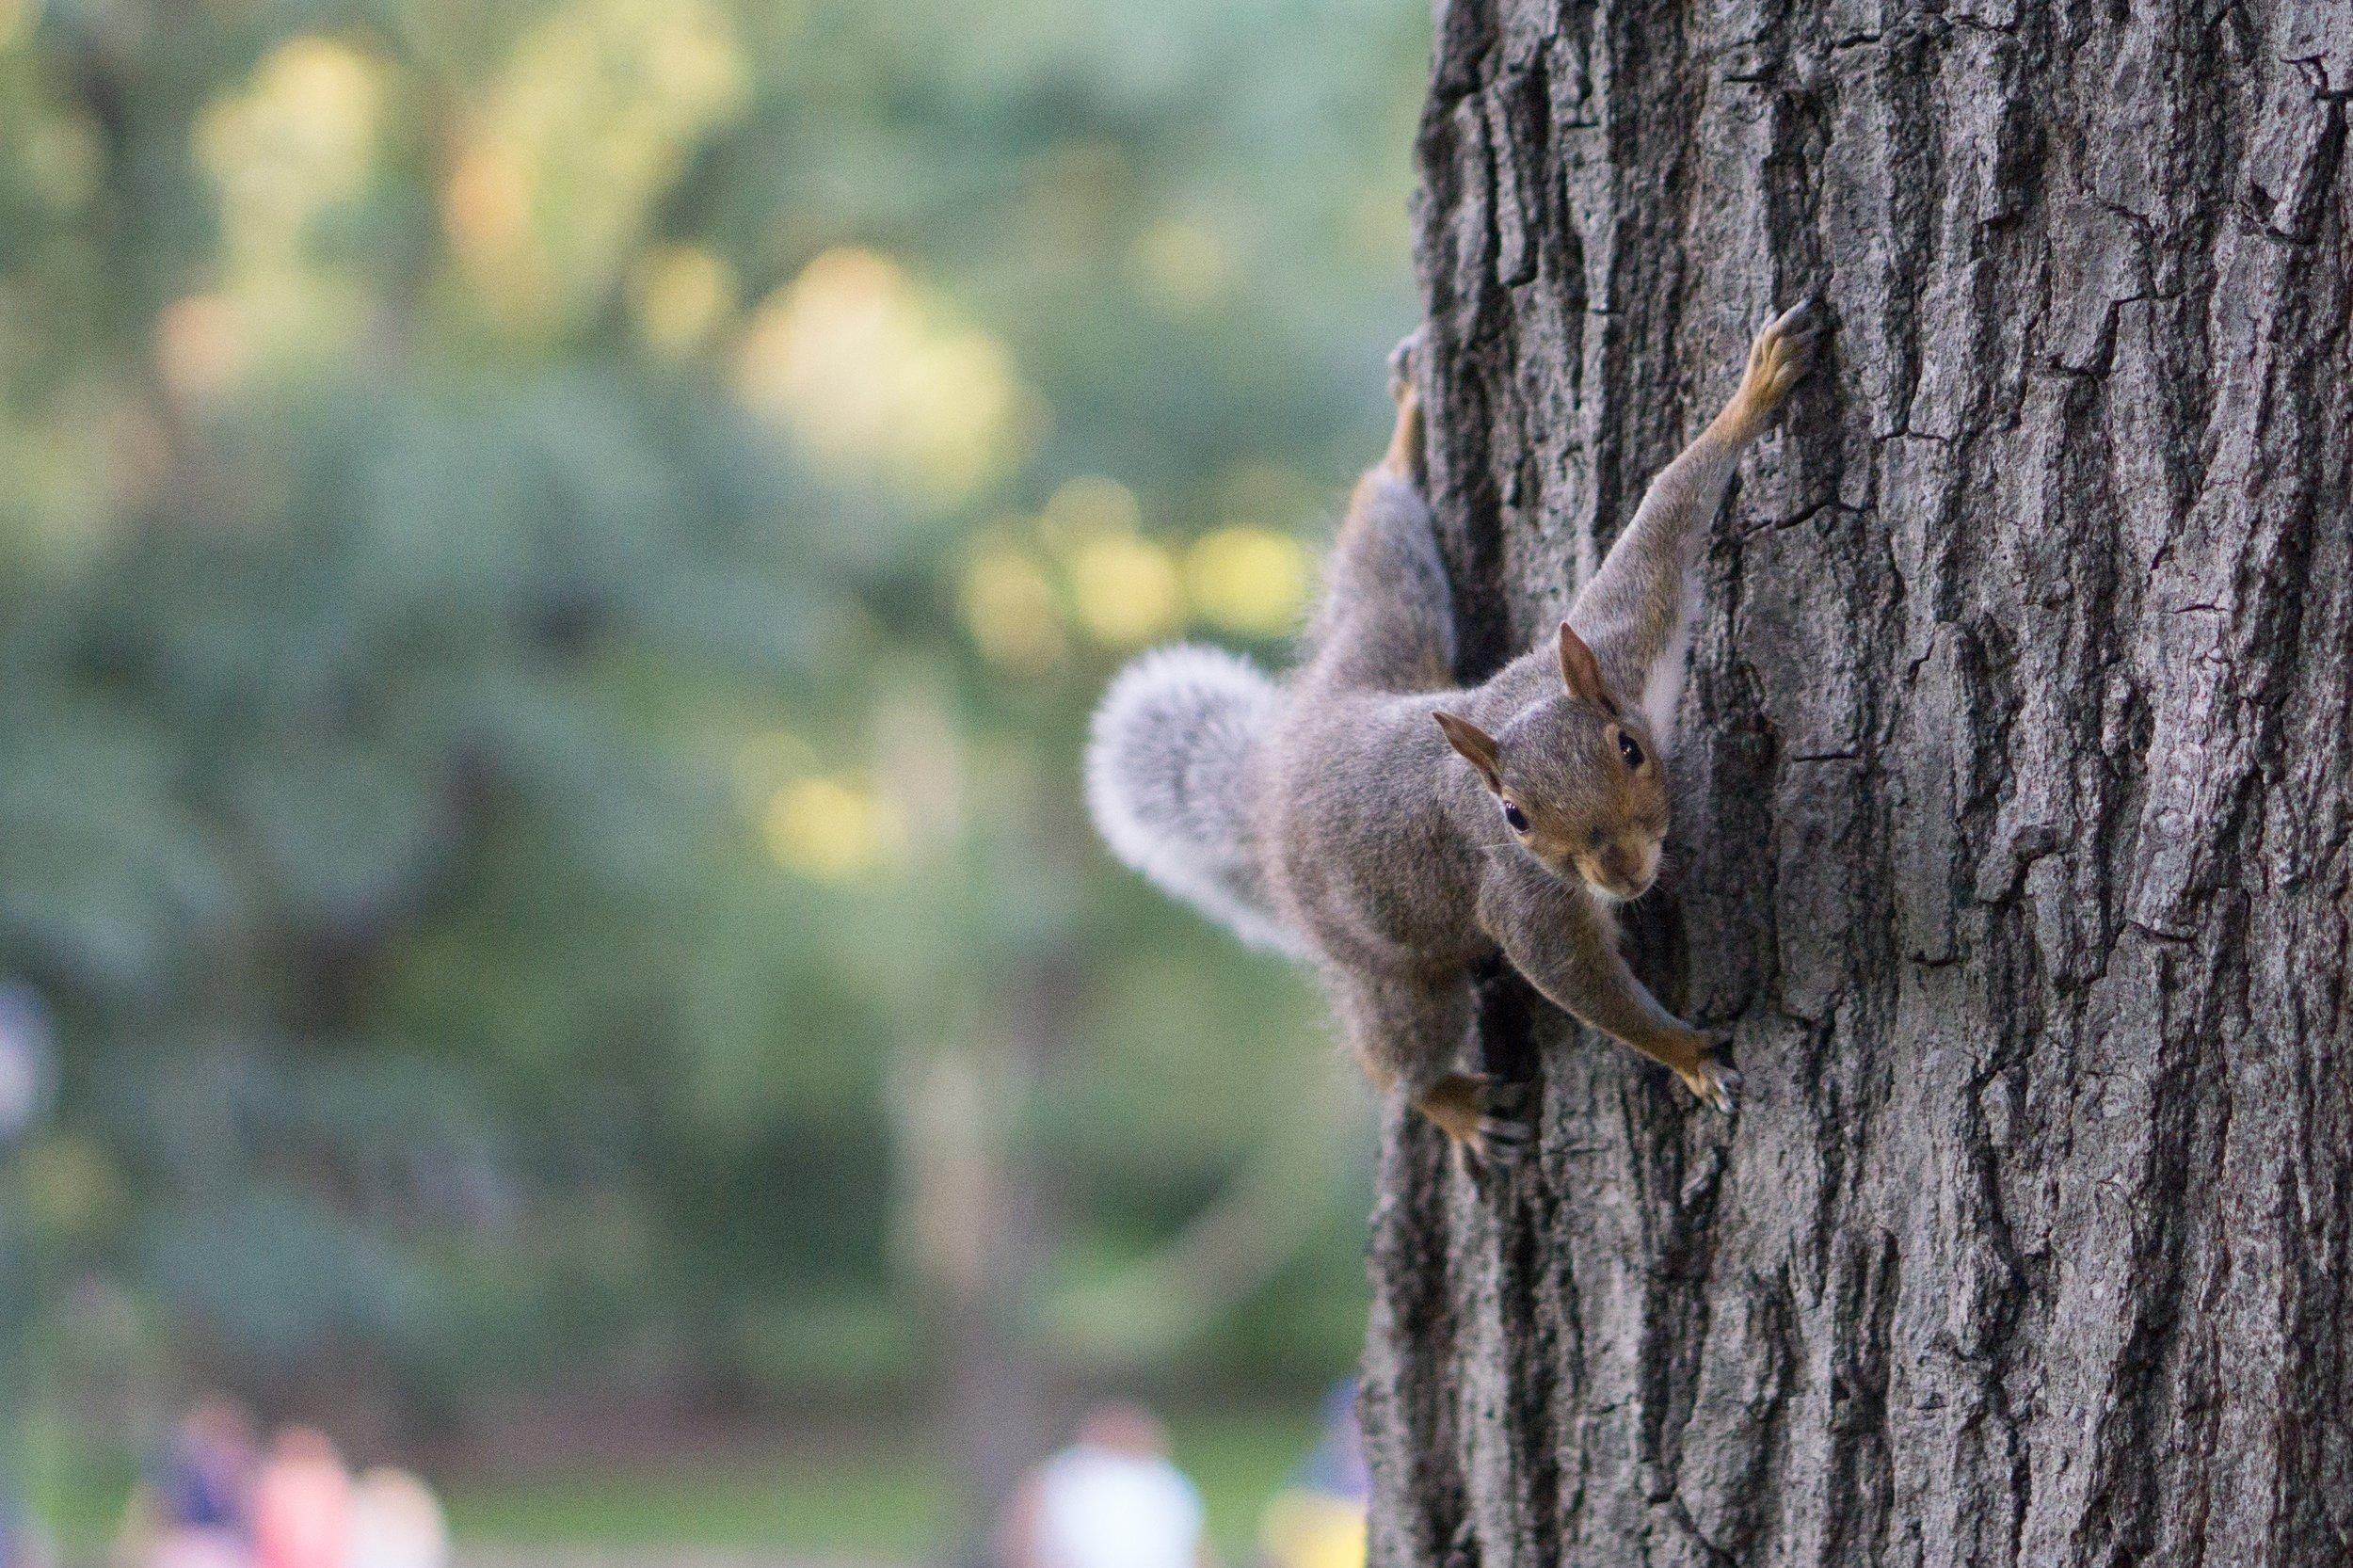 - Hey look! A squirrel!